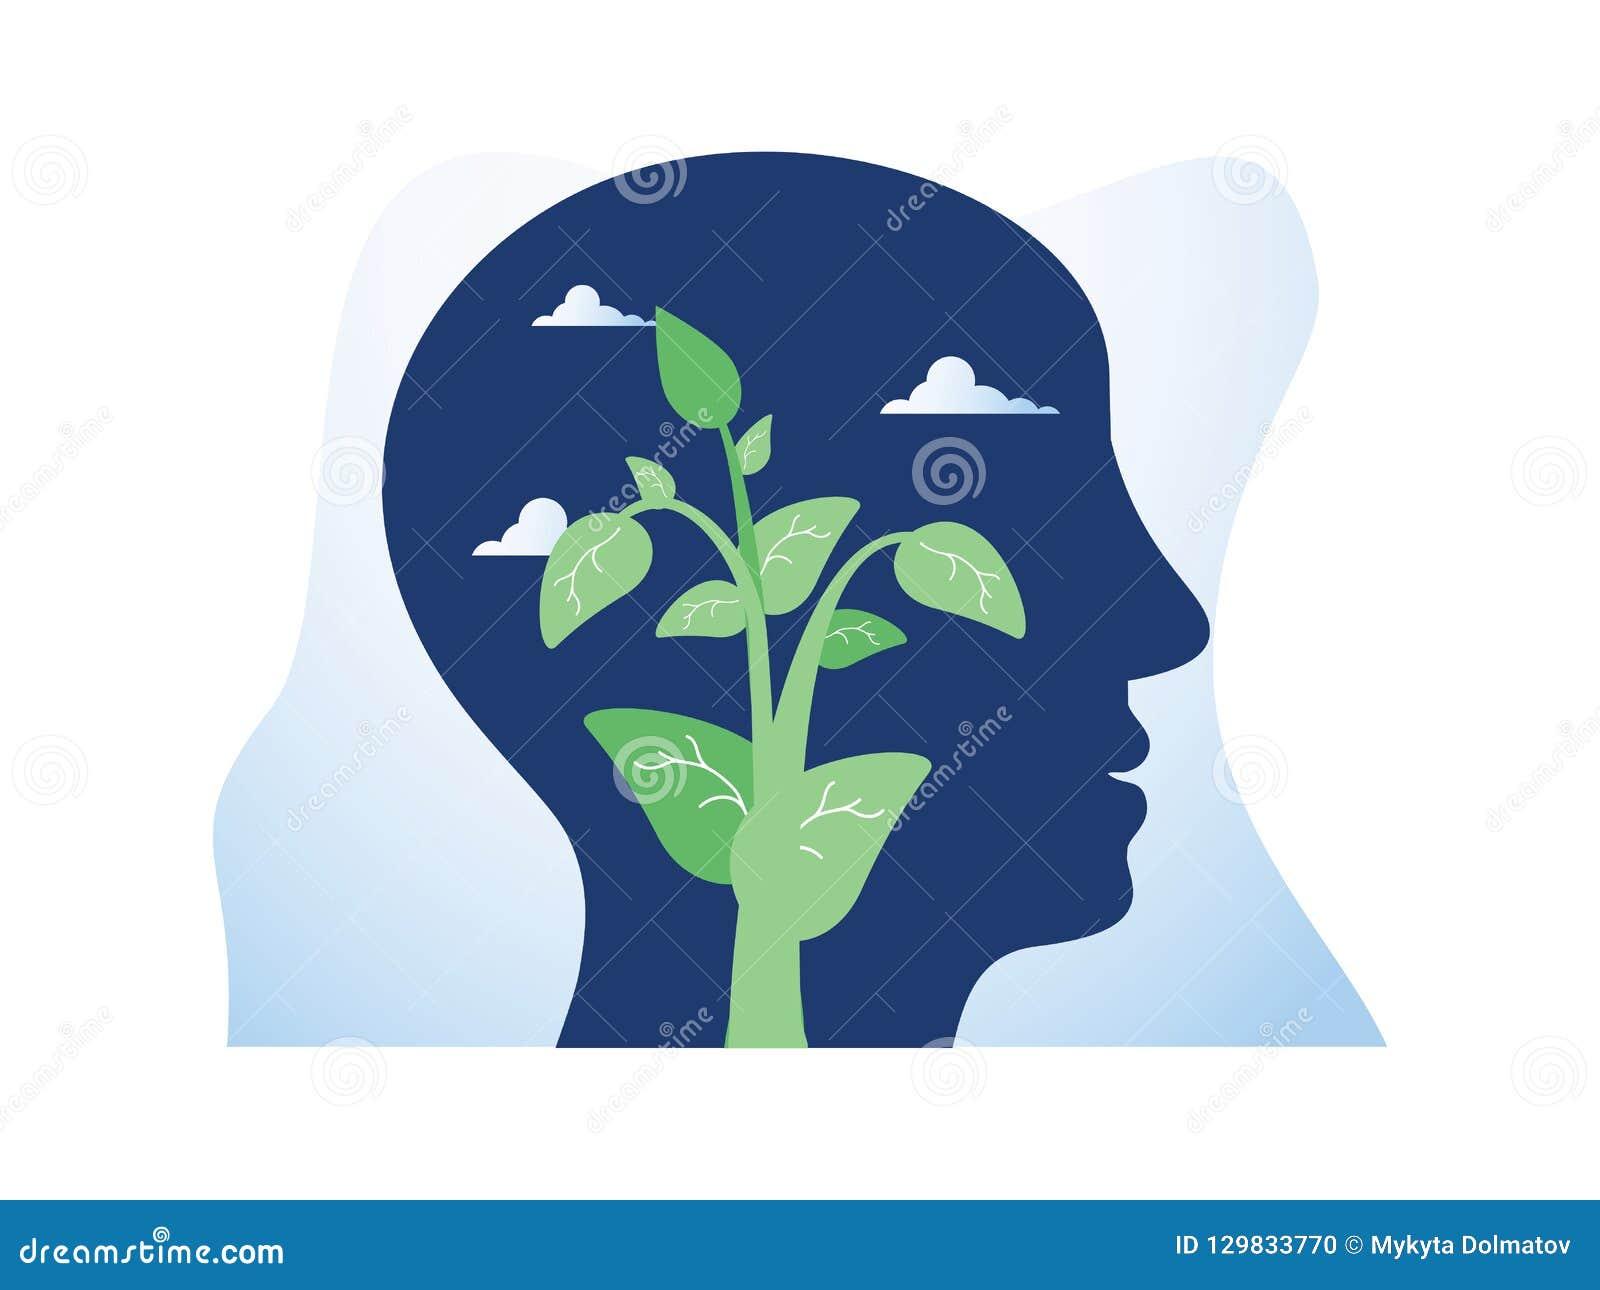 Crescimento do auto, desenvolvimento potencial, motivação e aspiração, saúde mental, mindset positivo, meditação do mindfulness